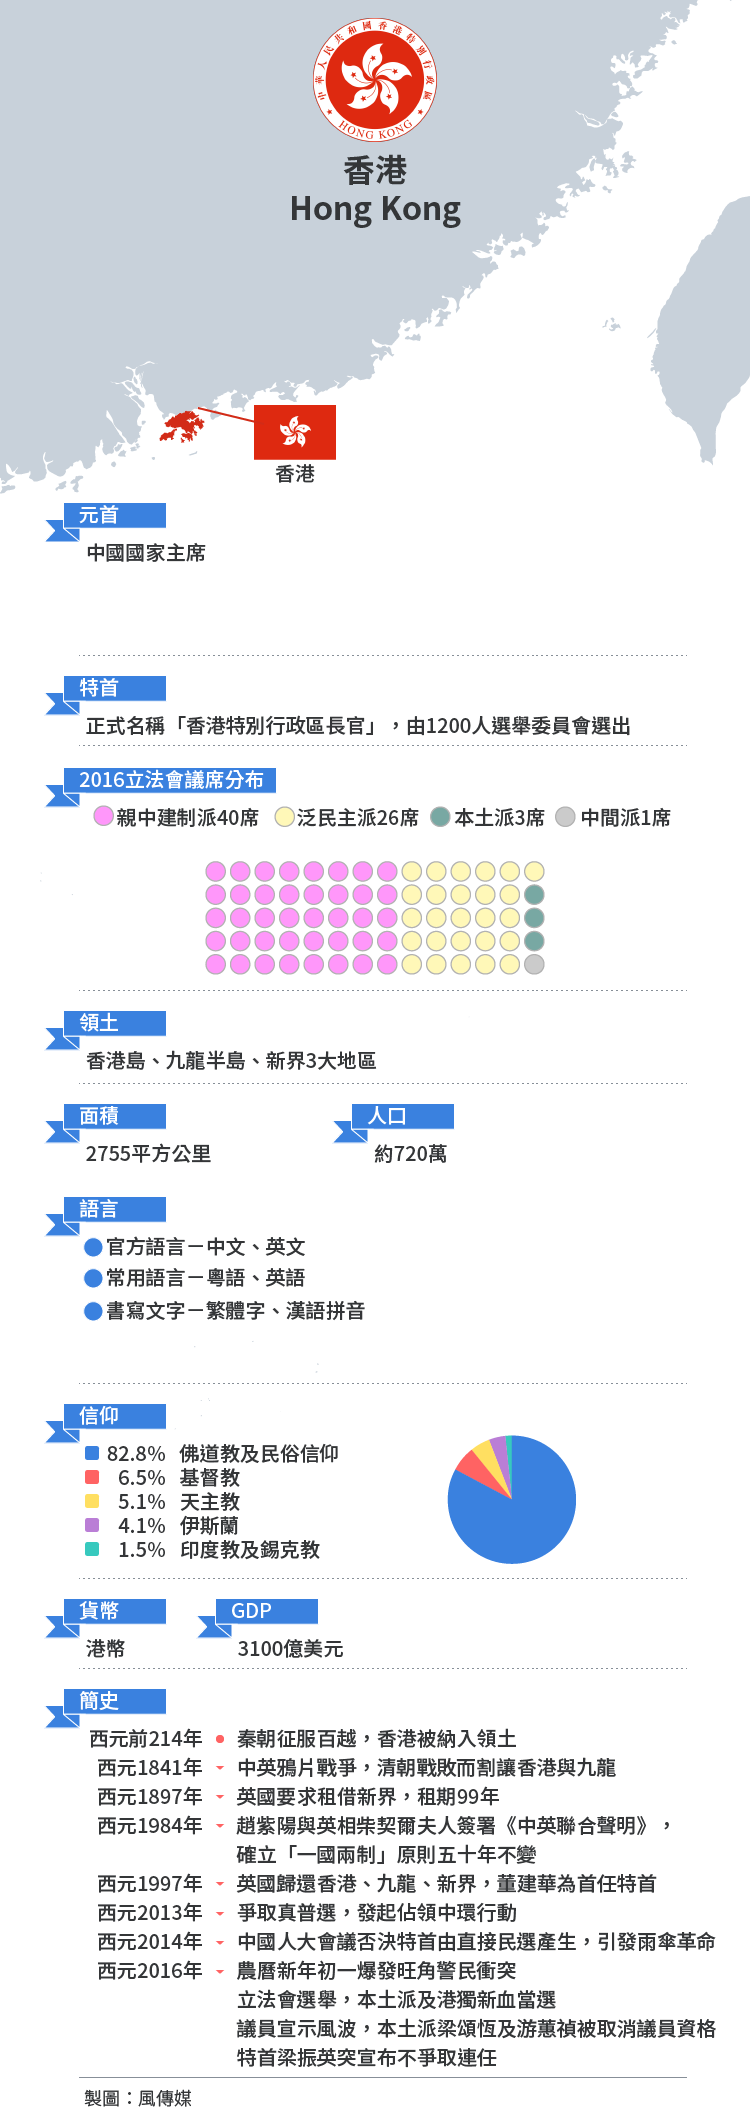 2017香港特首選舉:香港特別行政區基本介紹。(圖/鄭力瑋。資料整理/簡恒宇、王穎芝)